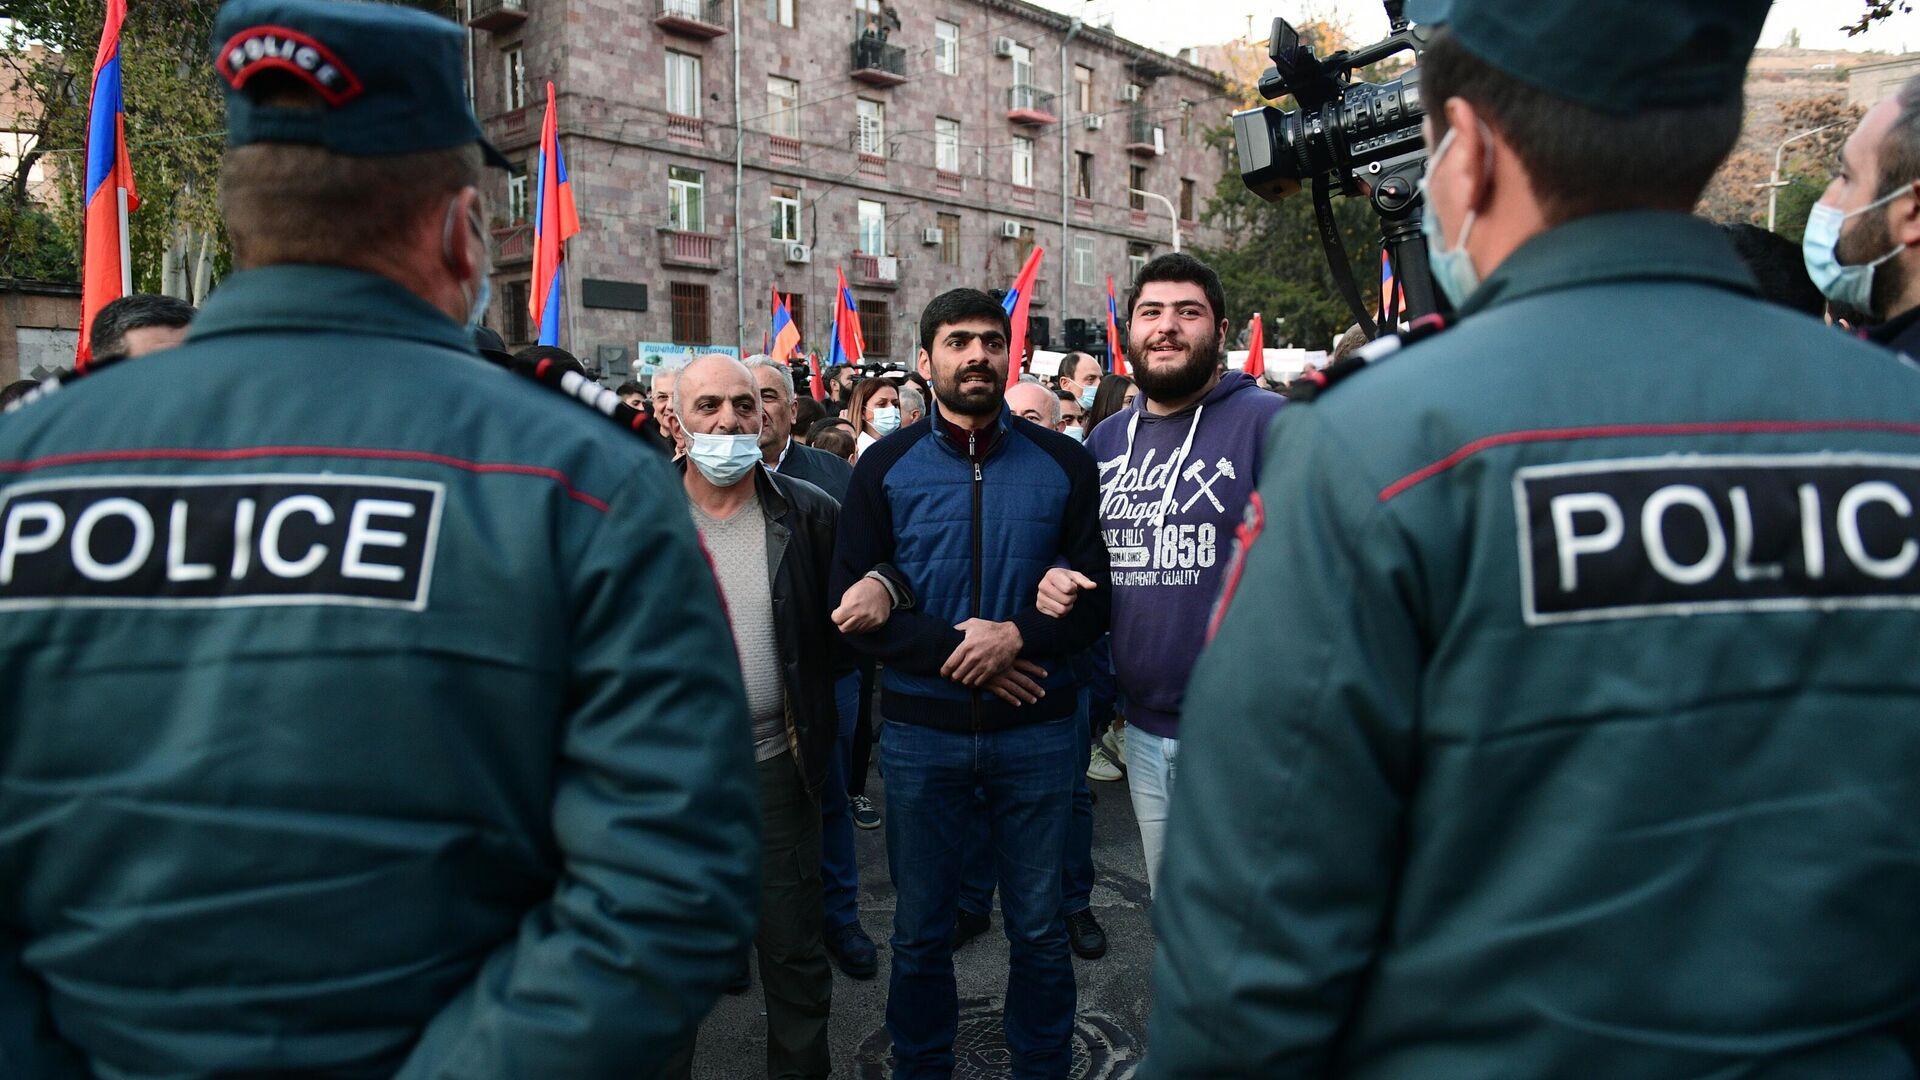 Сотрудники правоохранительных органов и участники митинга в Ереване - РИА Новости, 1920, 12.11.2020